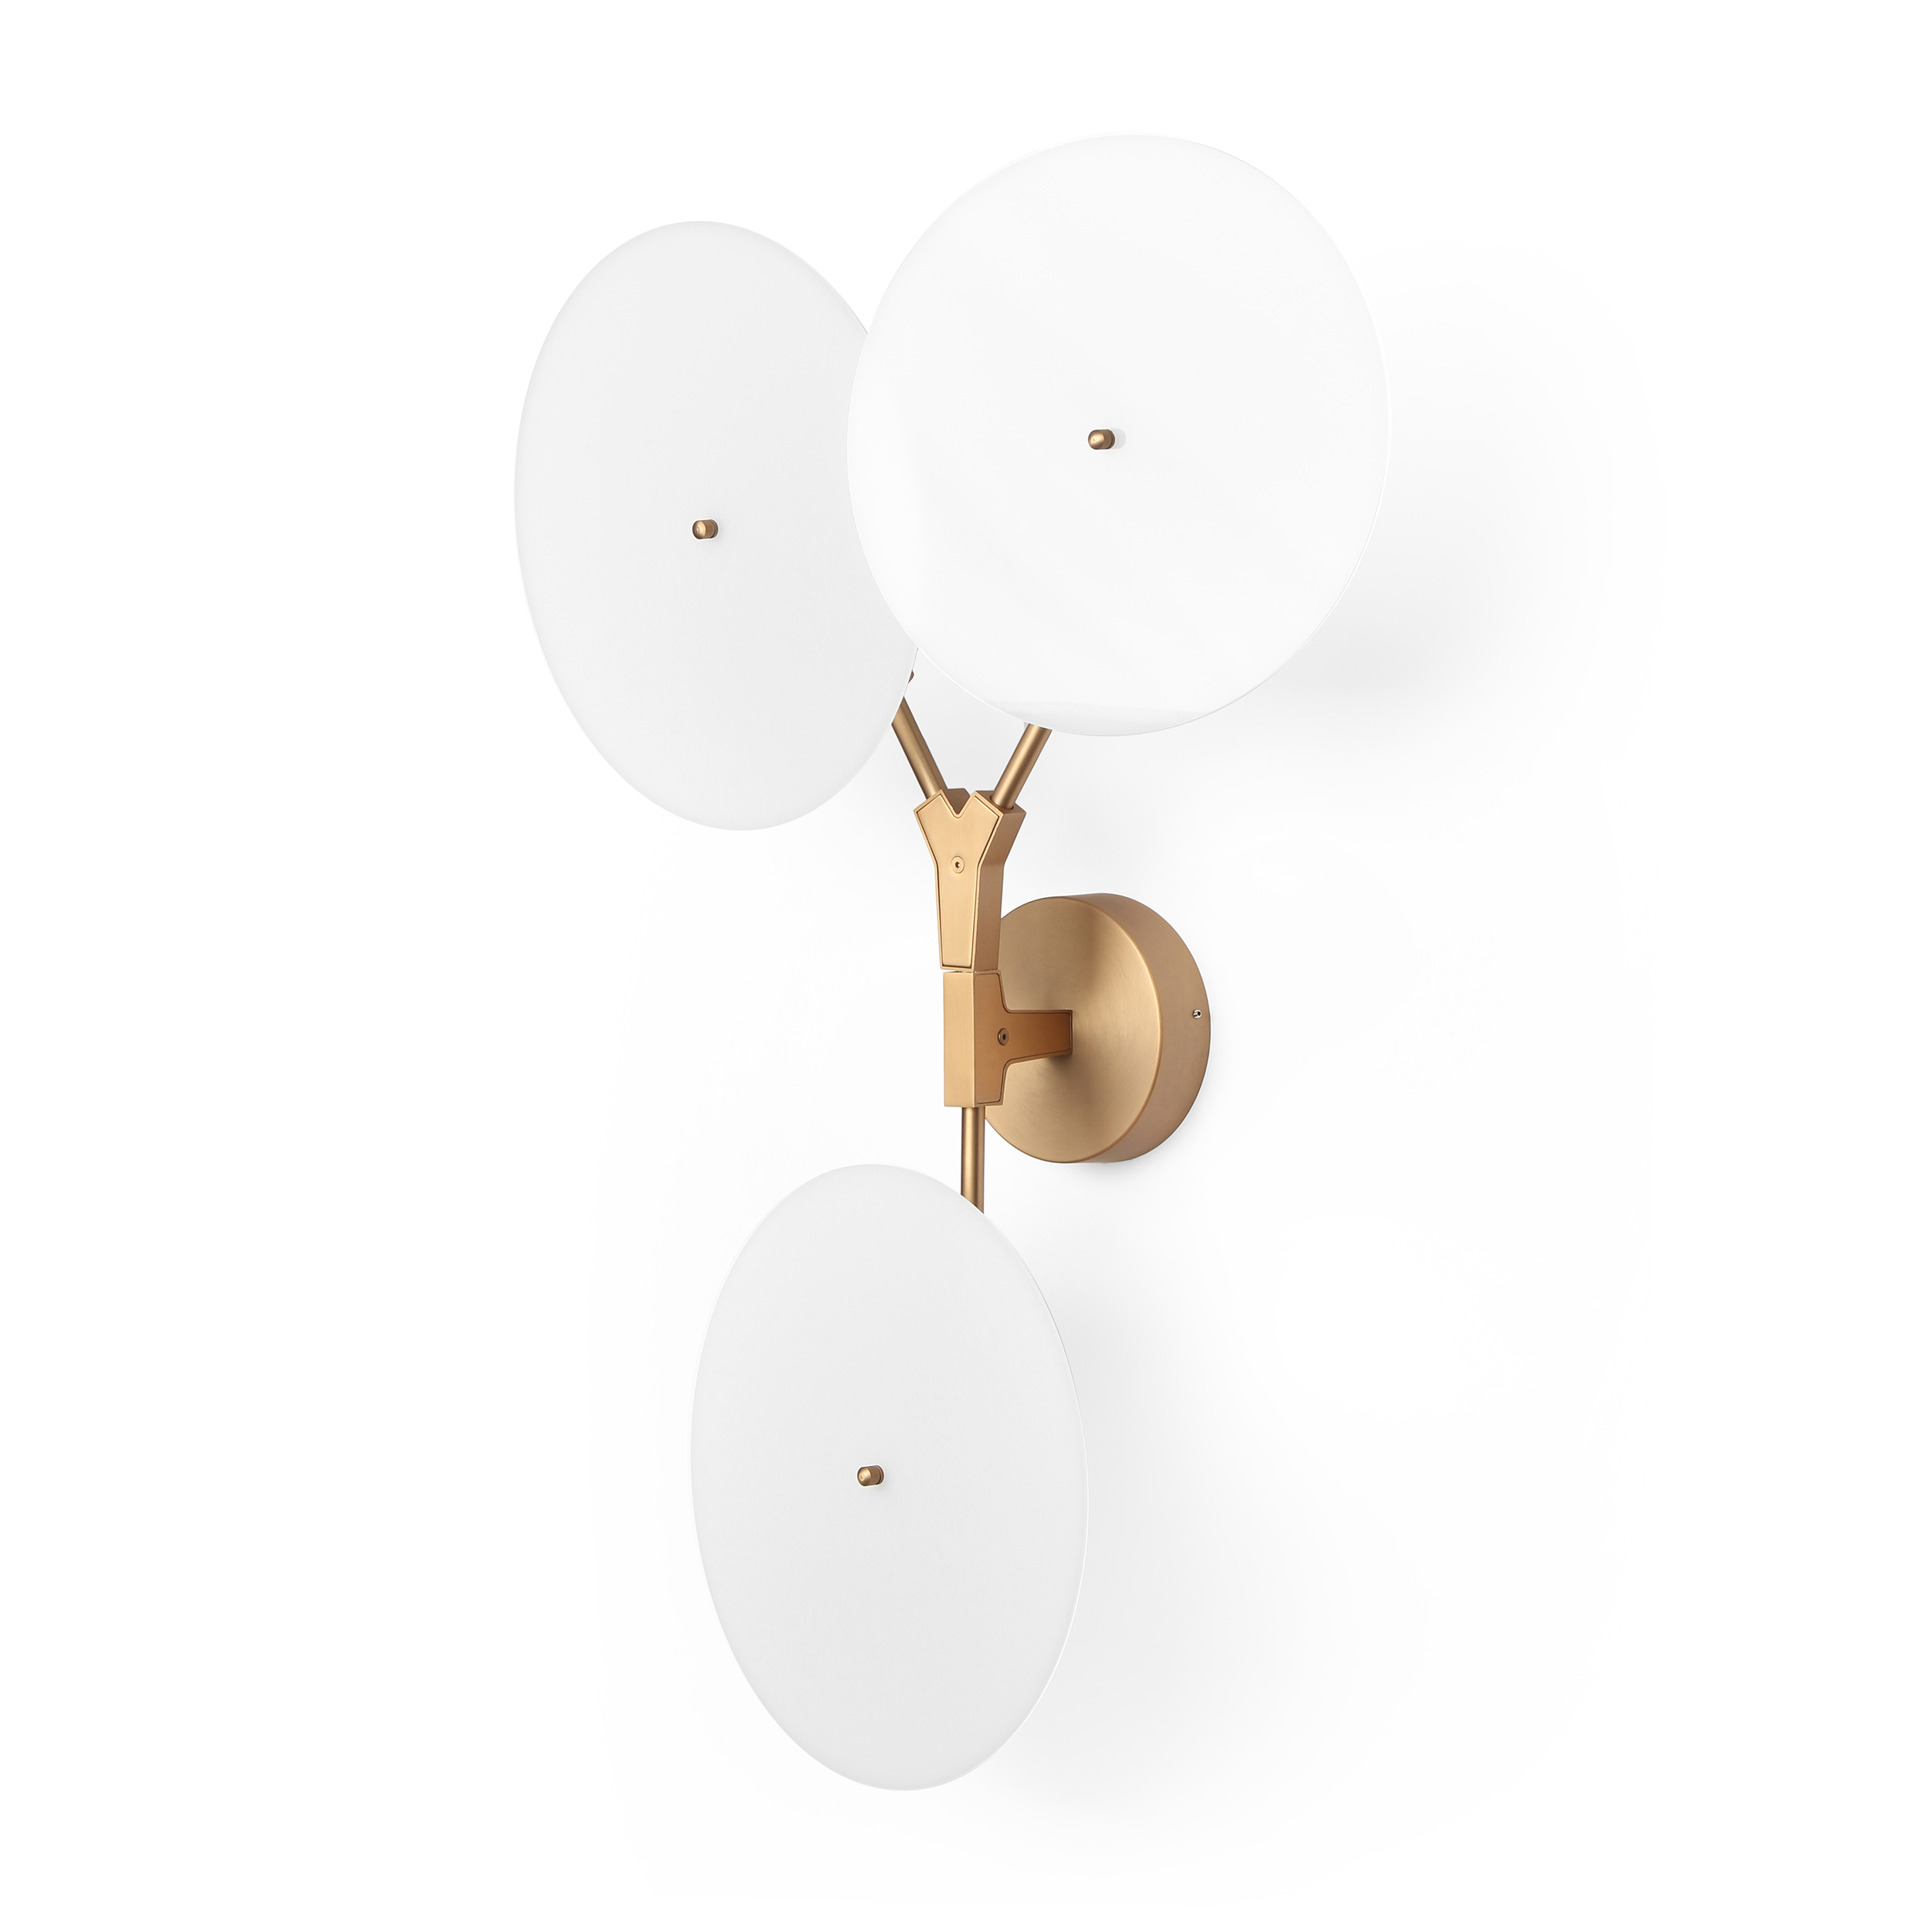 Настенный светильник Branching DiscsНастенные<br>Популярнейший дизайнер, известный своим особенным почерком в создании предметов освещения, Линдси Адельман создала необычайно интересное и красивое изделие — настенный светильник Branching Discs, который способен легко вписаться в любой интерьер, оформленный в современном стиле. Правильный источник освещения необычайно важен для положительного восприятия всей обстановки комнаты, и Branching Discs — это отличное решение для гармоничного дополнительного освещения любого типа помещений.<br><br><br>...<br><br>stock: 0<br>Высота: 80<br>Ширина: 18<br>Длина: 52<br>Количество ламп: 3<br>Материал абажура: Акрил<br>Материал арматуры: Сталь<br>Мощность лампы: 3<br>Ламп в комплекте: Нет<br>Напряжение: 220<br>Тип лампы/цоколь: LED<br>Цвет абажура: Белый<br>Цвет арматуры: Медь античная